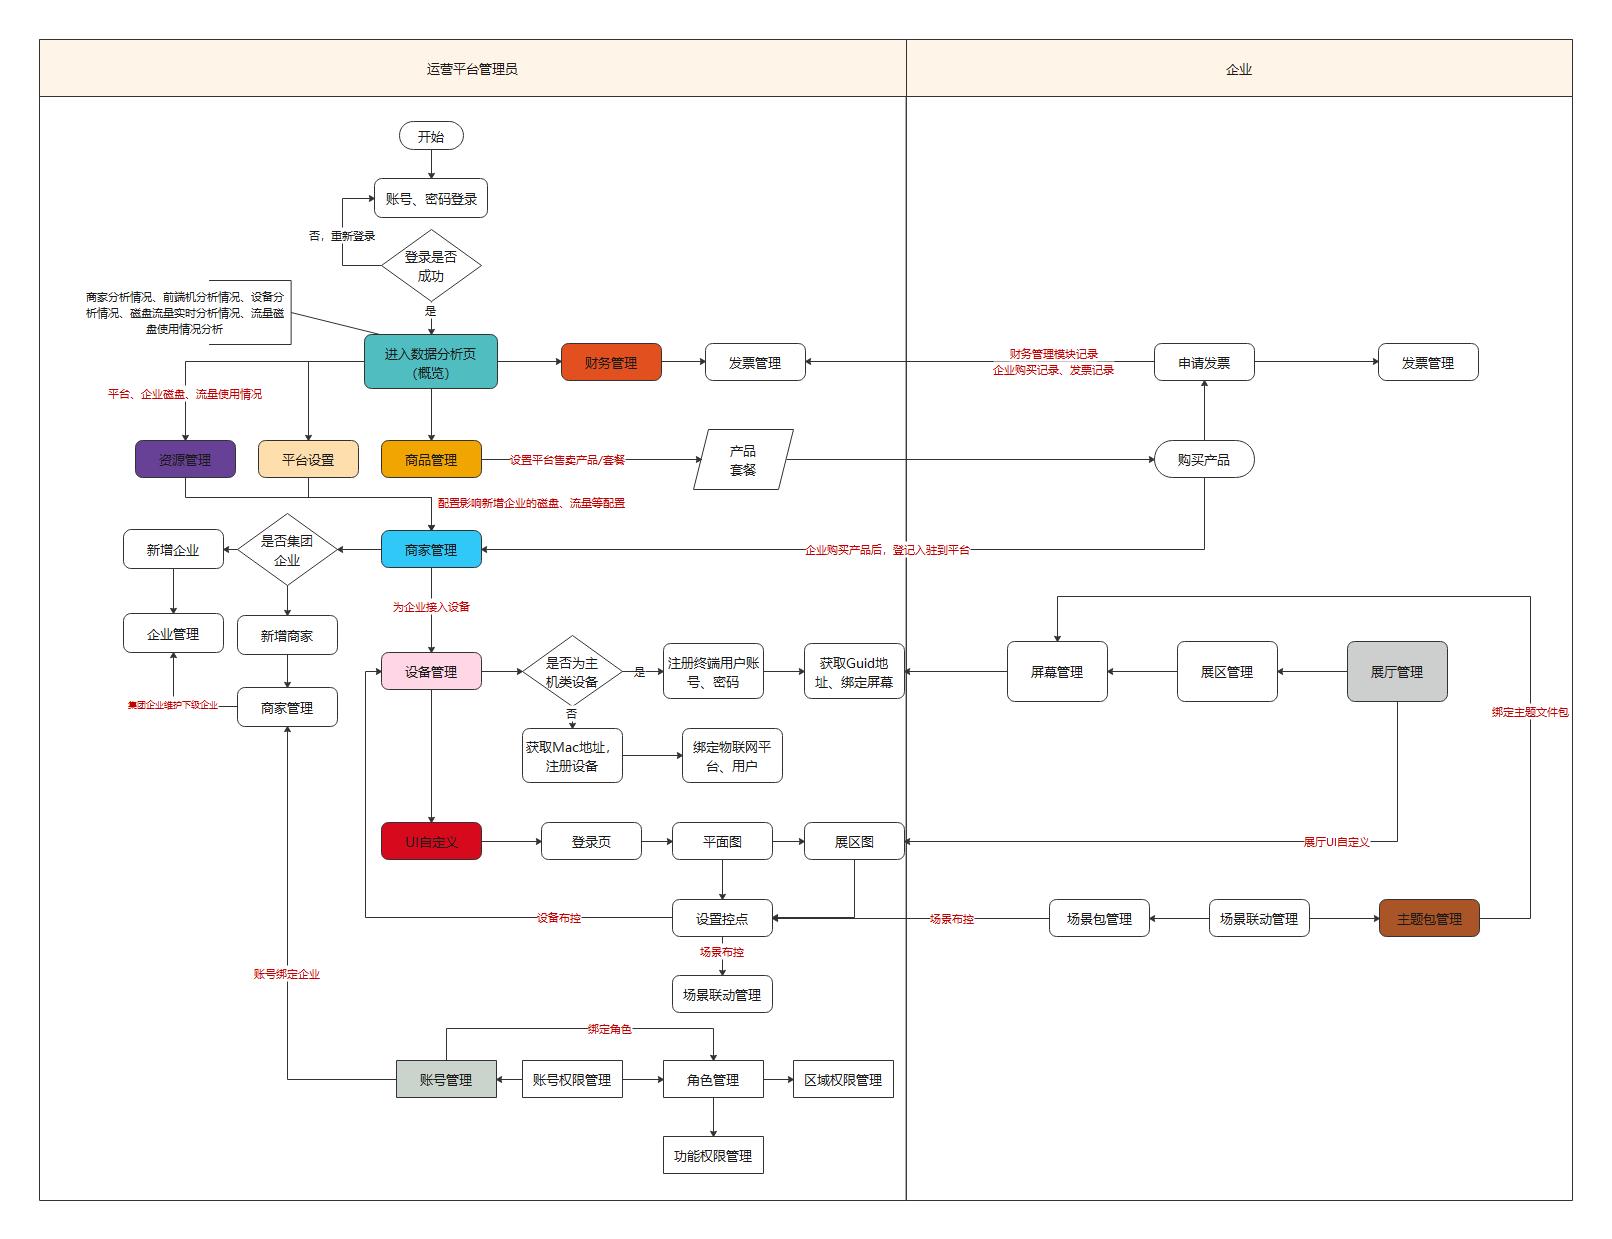 运营平台流程